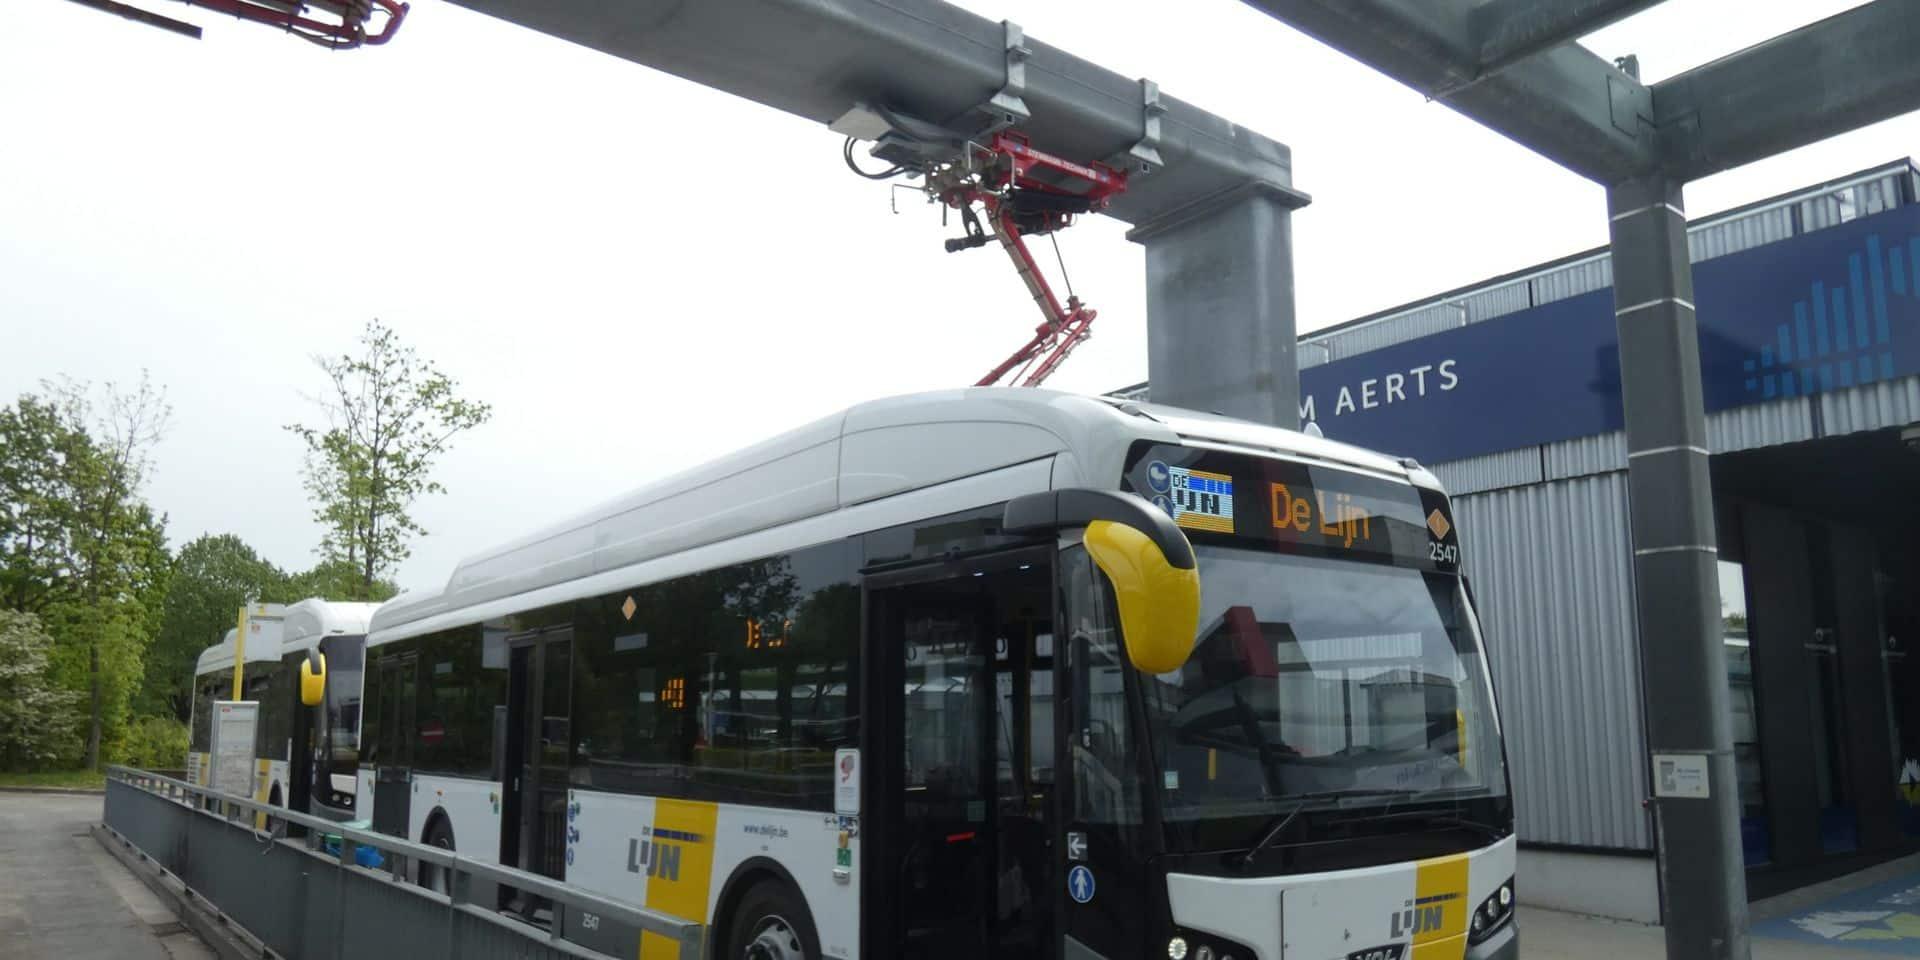 Une commande de 350 bus électriques pour De Lijn